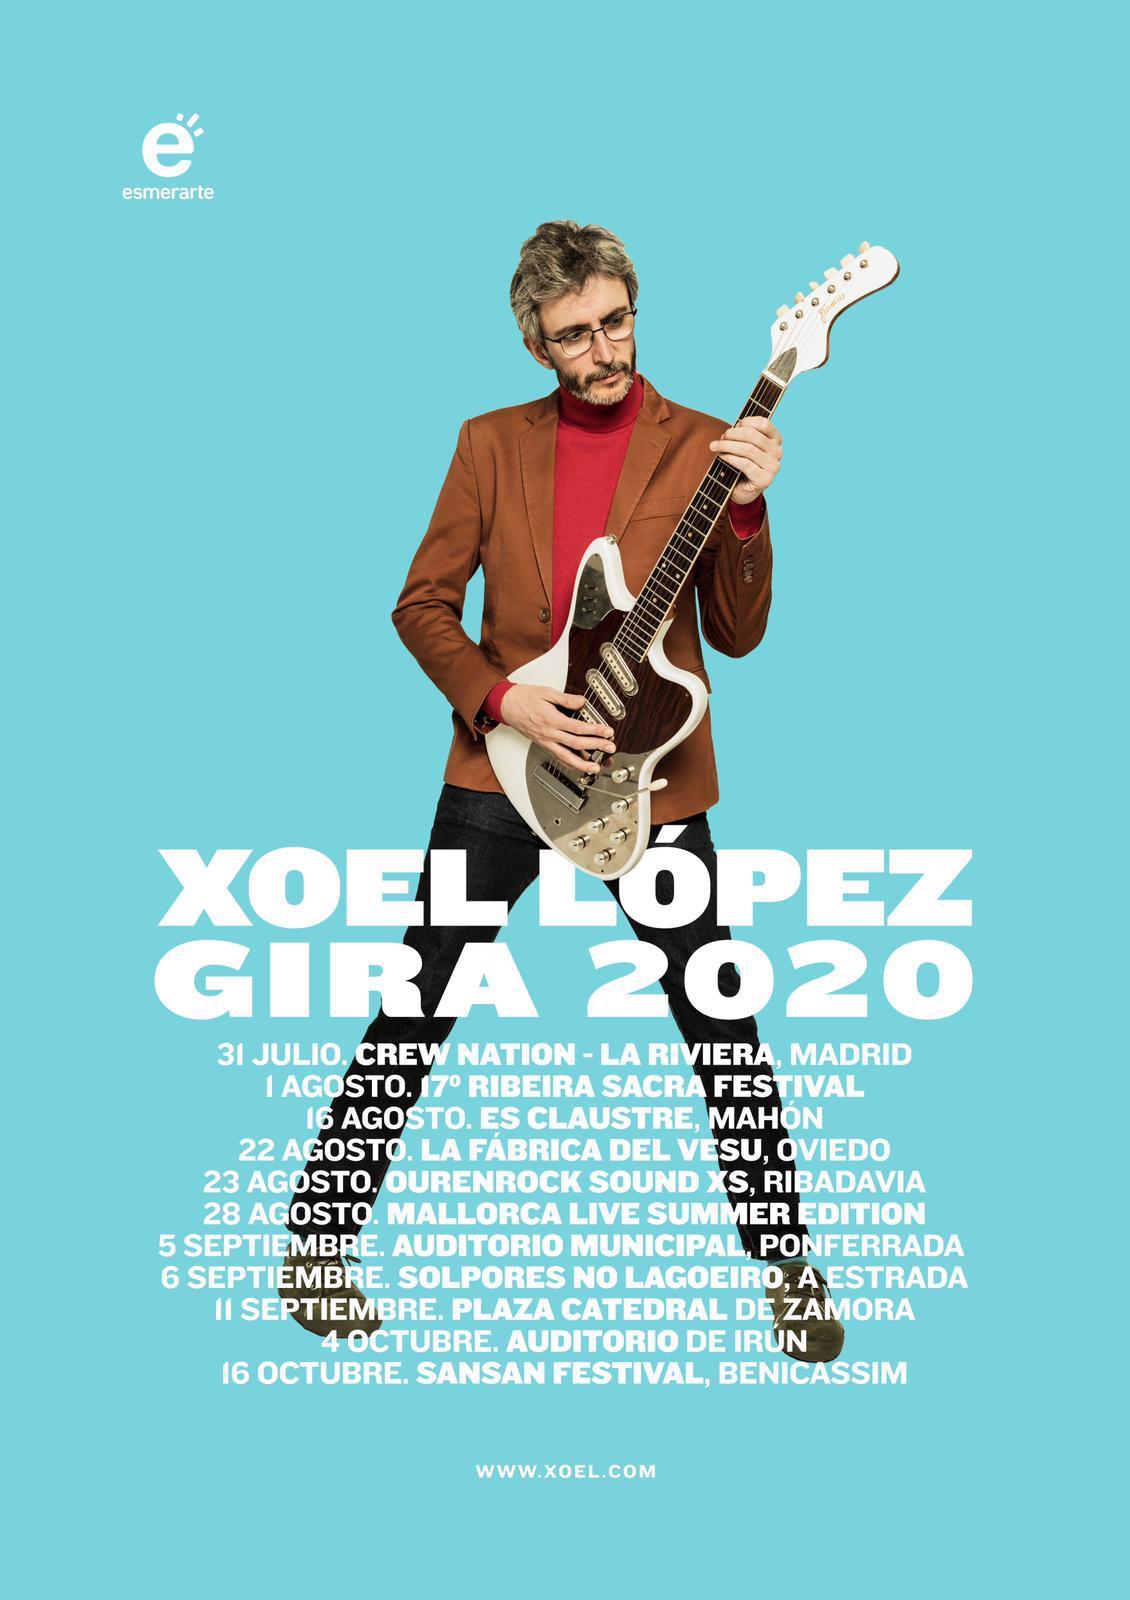 Xoel López hace pública su gira de verano